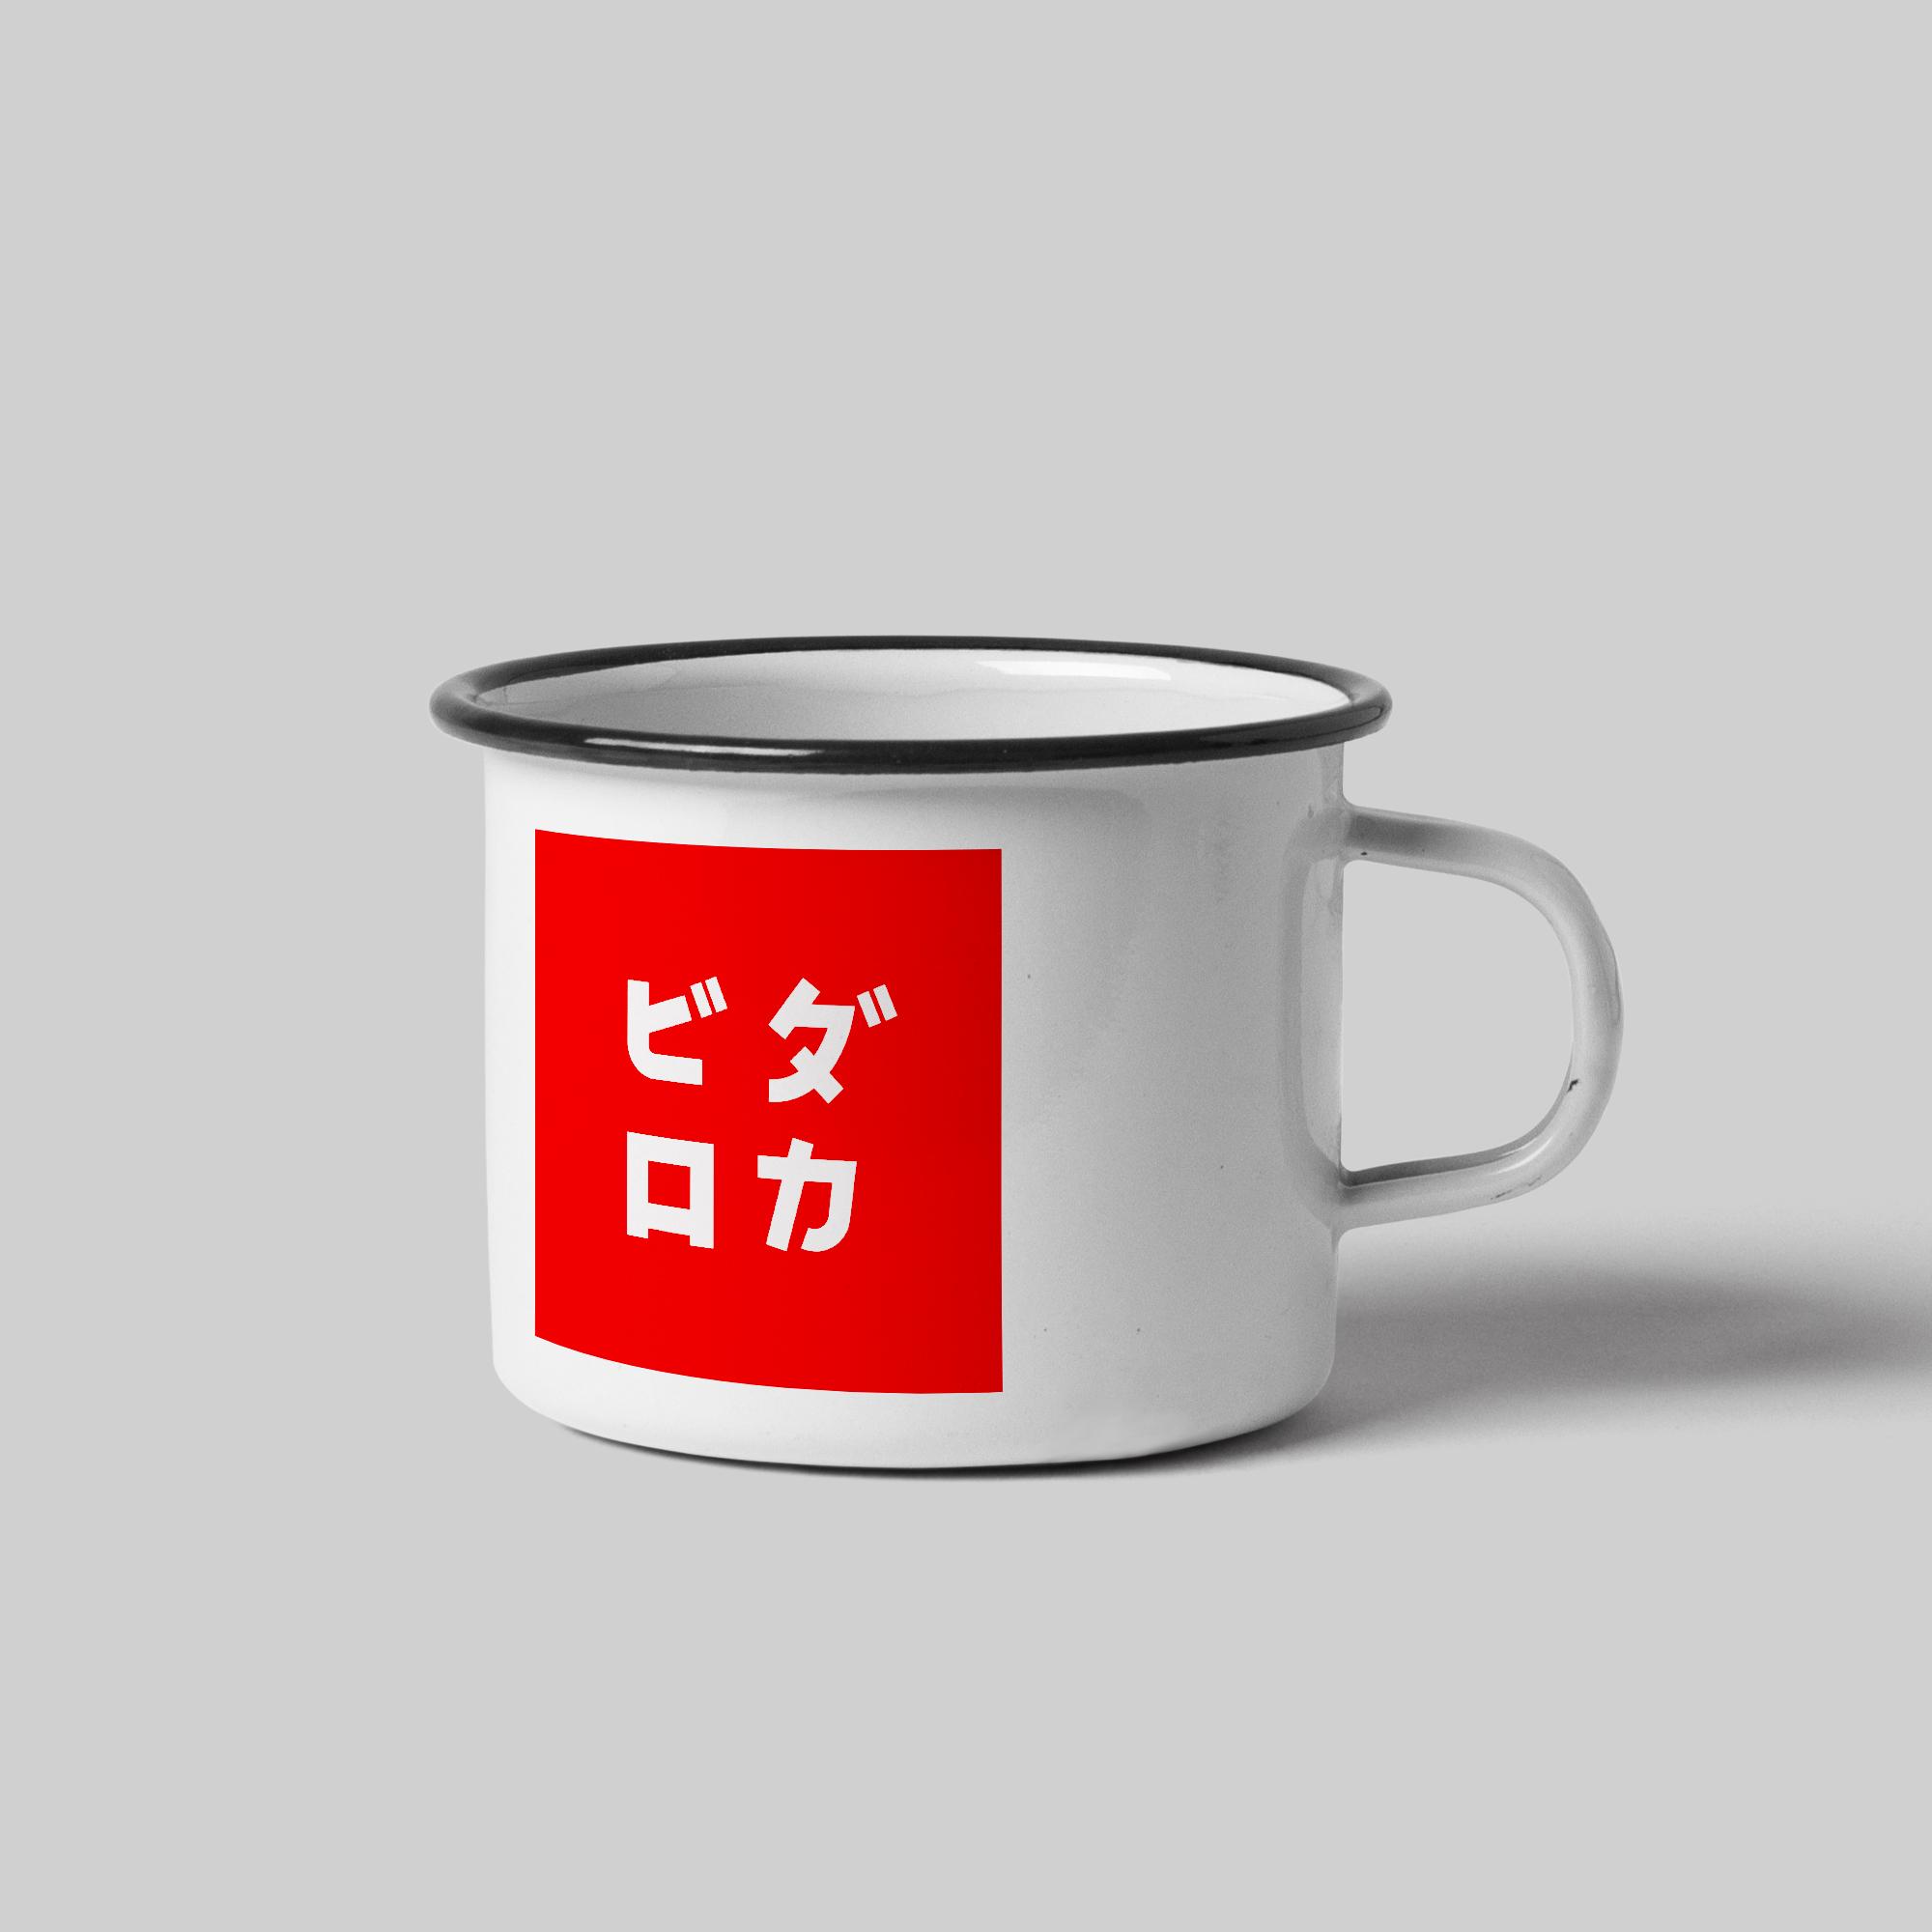 mug_0000_1.jpg